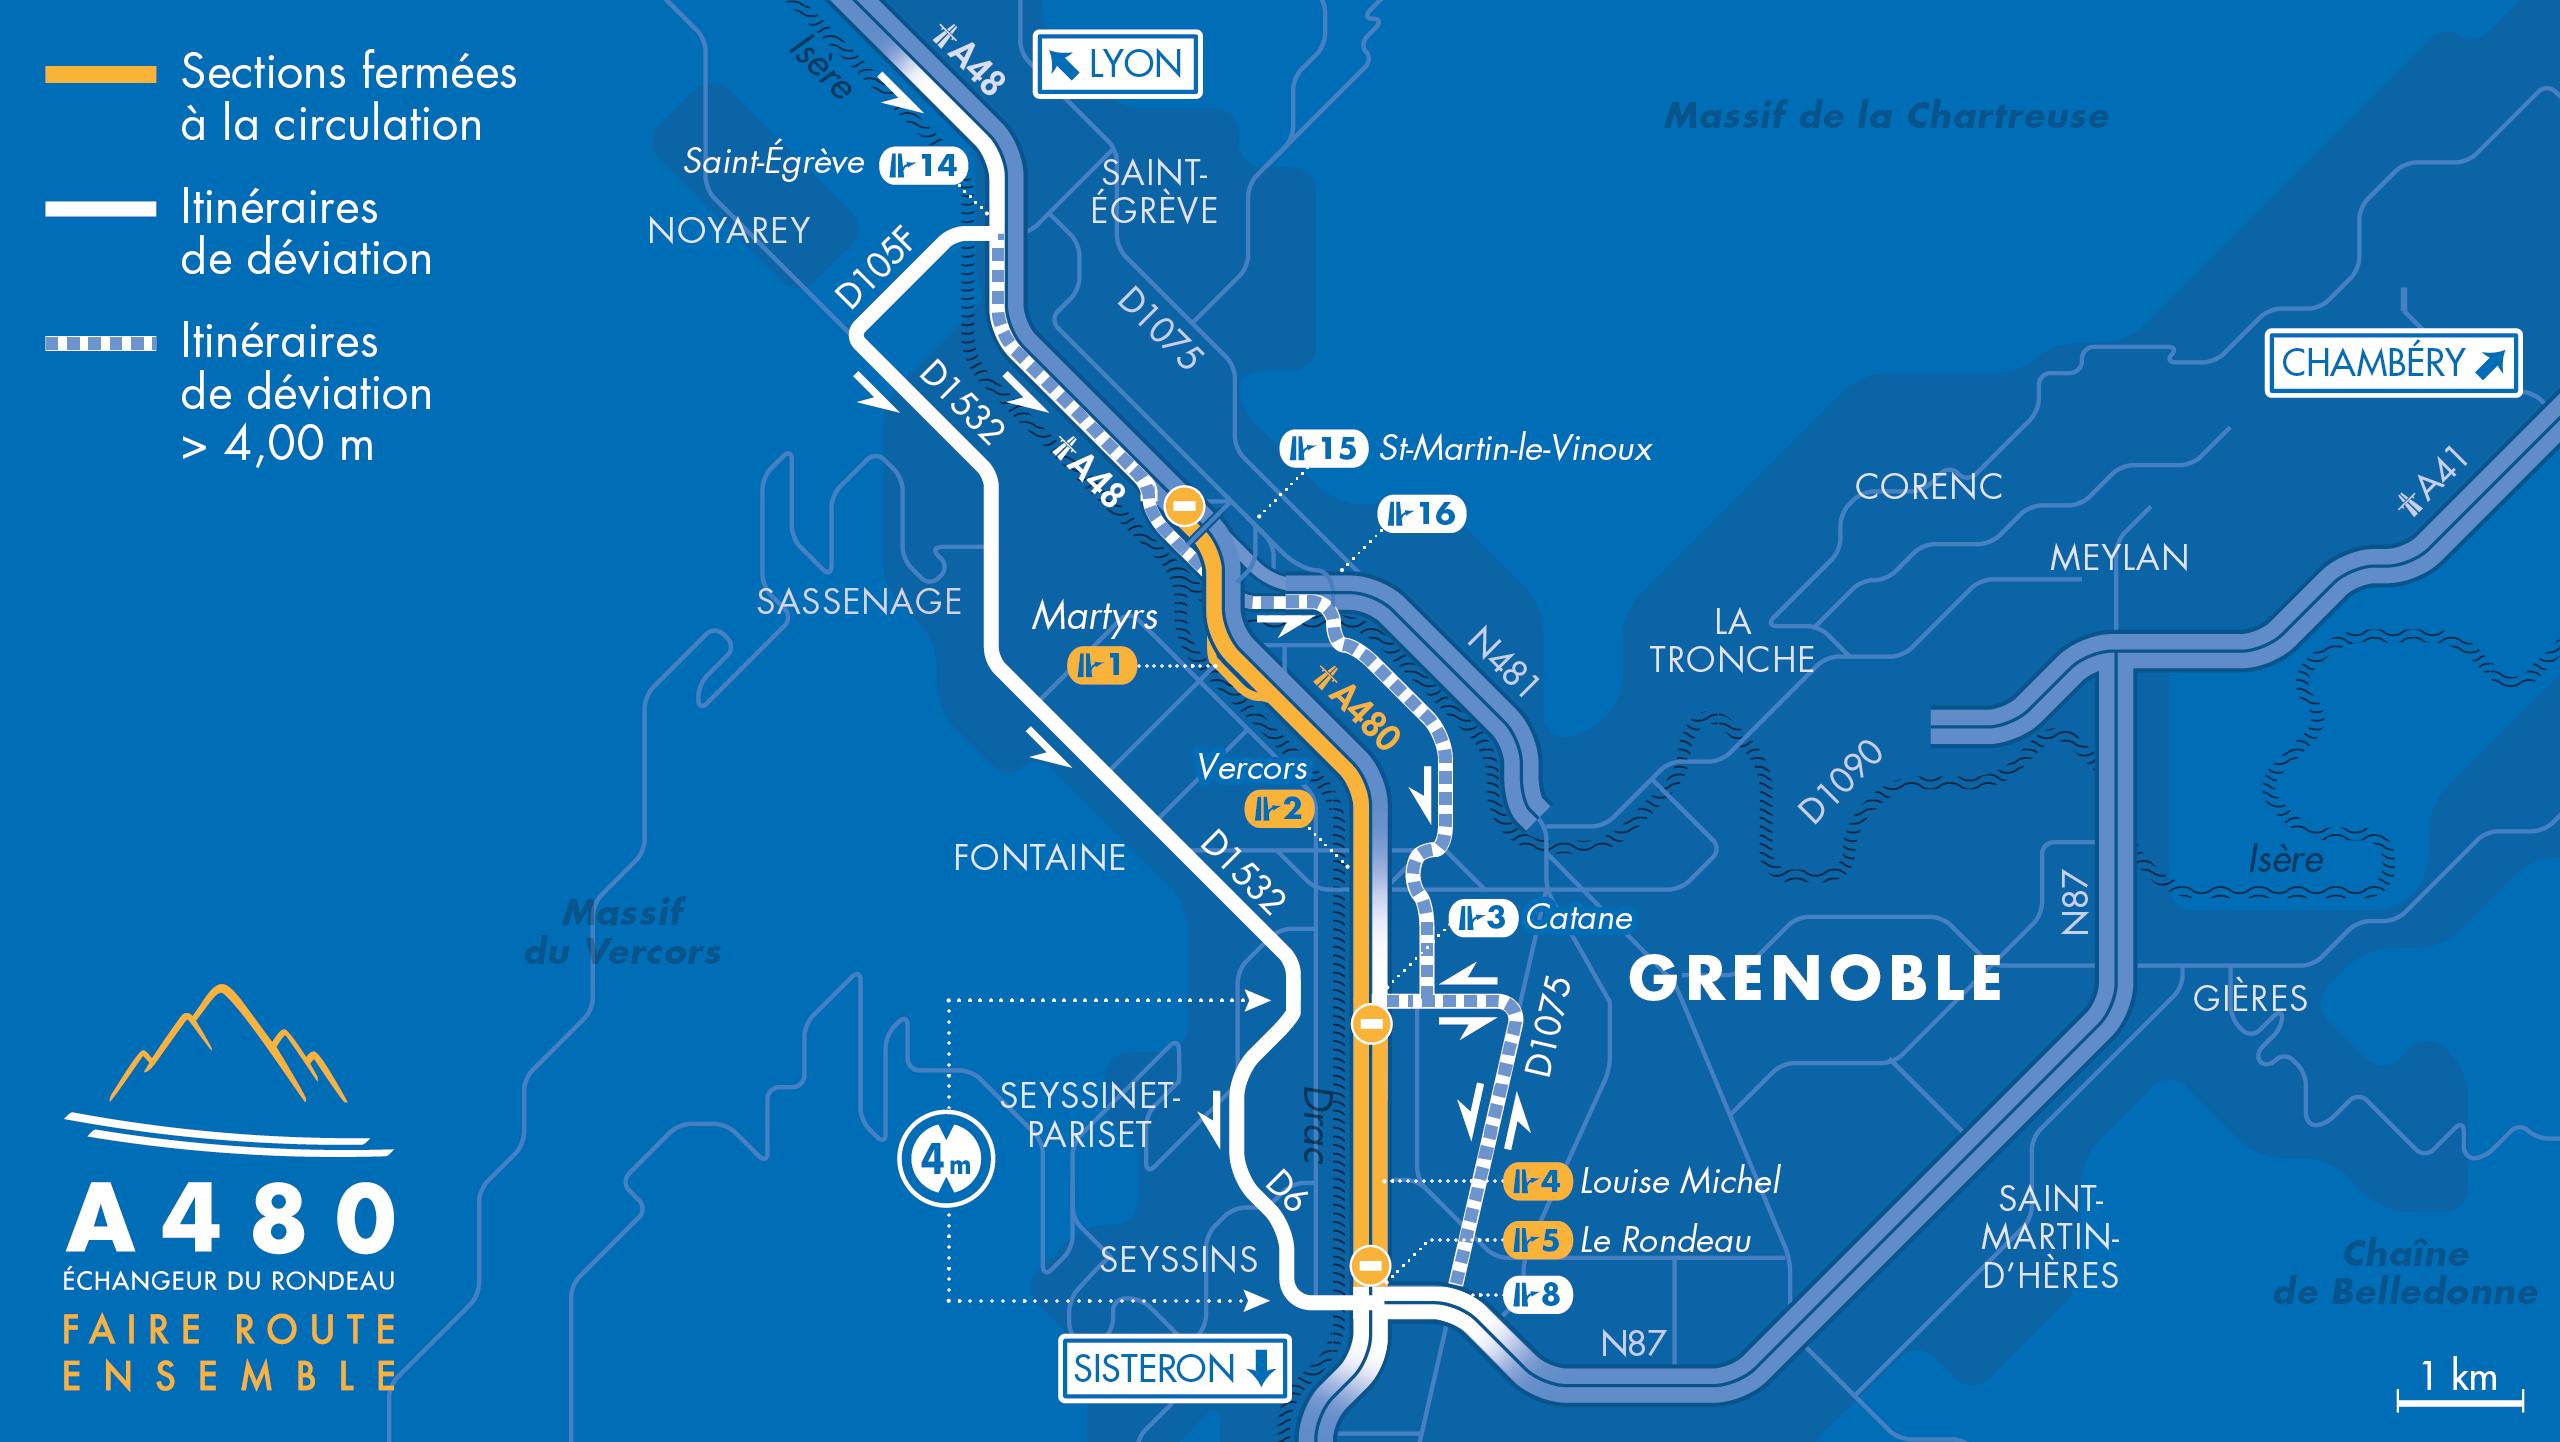 Carte des fermetures de l'autoroute A480 et A48 pour les secteur Catane, Rondeau ainsi que la bifurcation A48/A480/N481 durant le mois de septembre